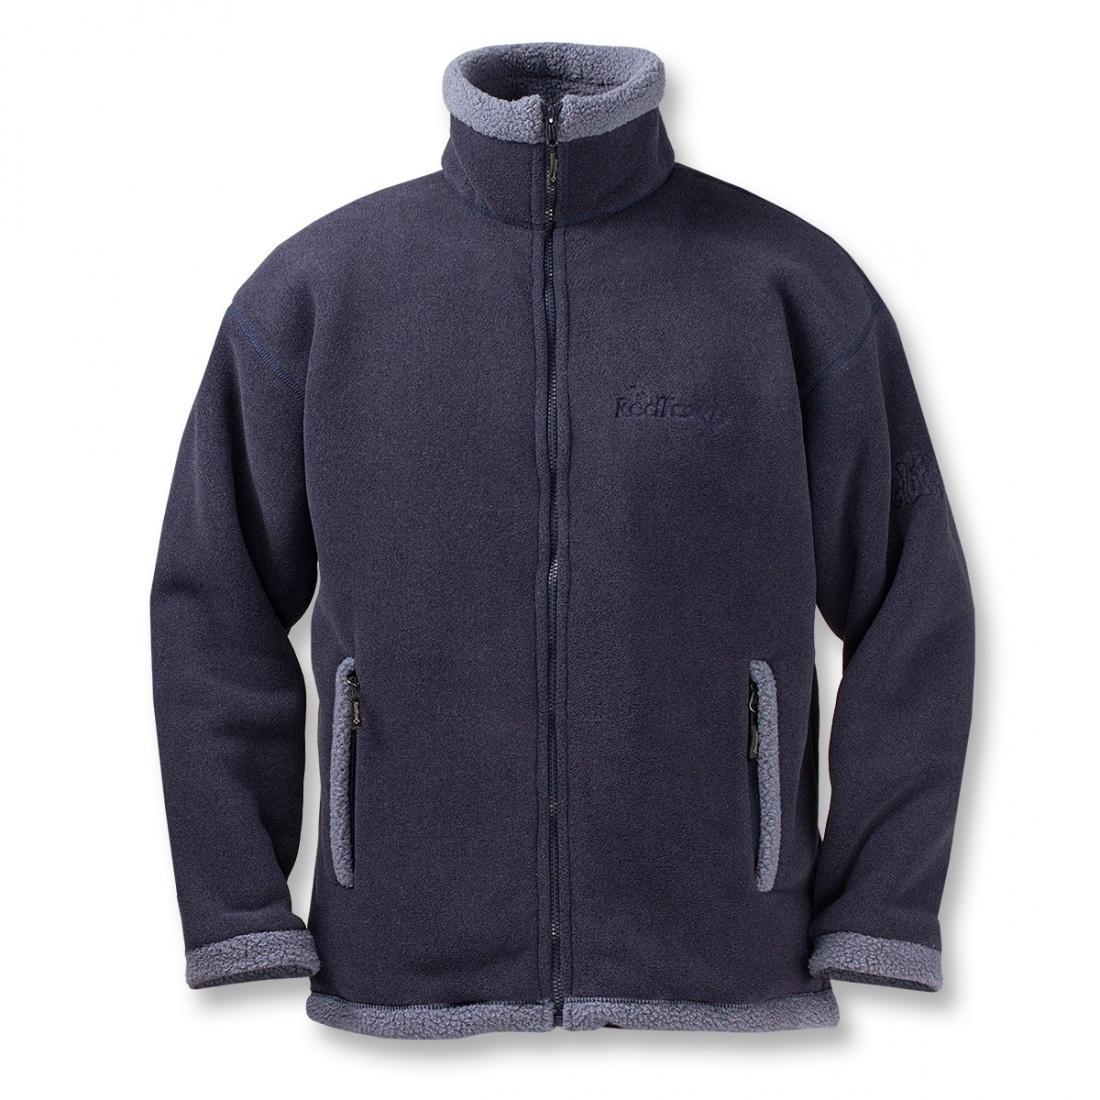 Куртка Cliff МужскаяКуртки<br><br> Модель курток Сliff признана одной из самых популярных в коллекции Red Fox среди изделий из материаловPolartec®.<br><br><br> <br><br><br><br><br>Мат...<br><br>Цвет: Синий<br>Размер: 56